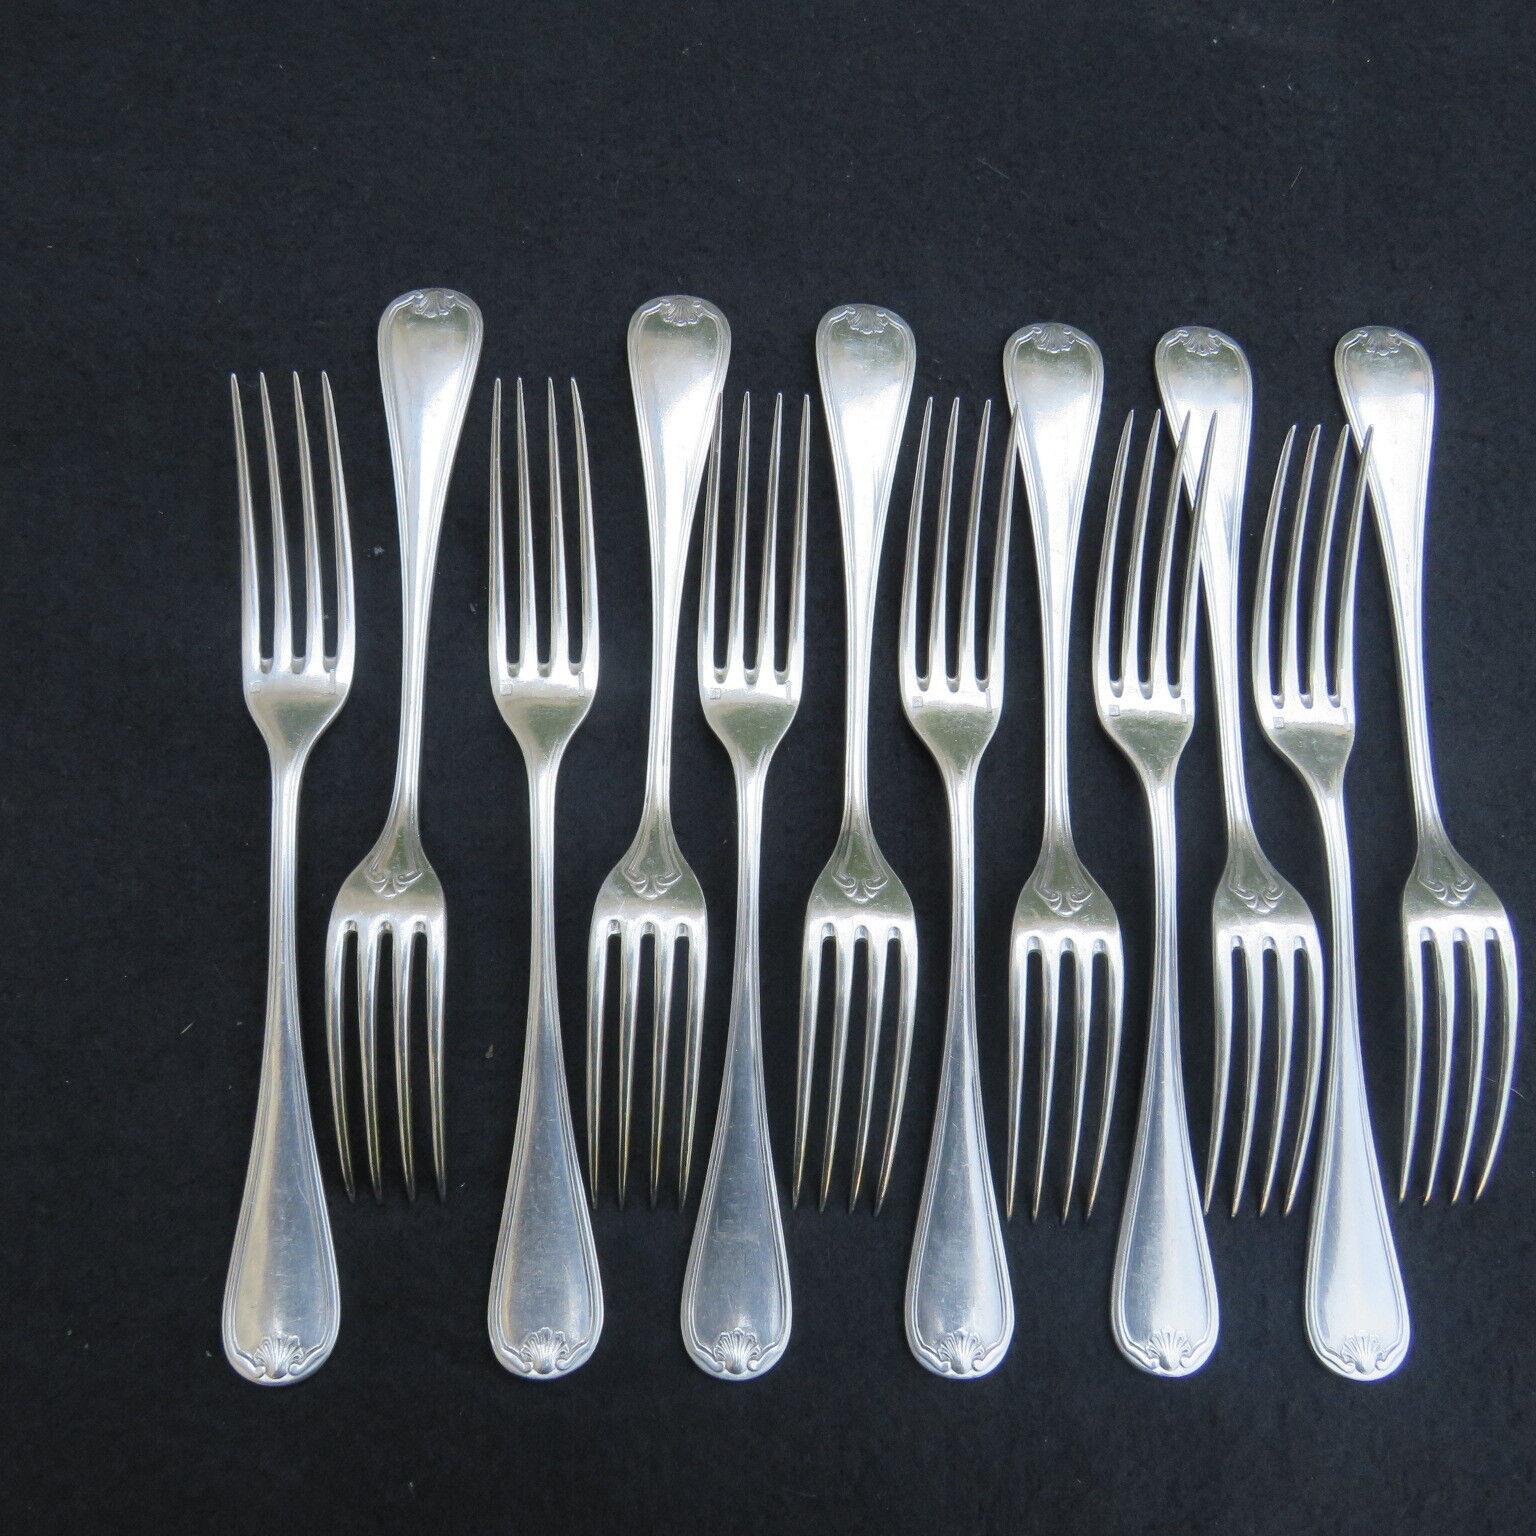 CHRISTOFLE 12 fourchettes de table en métal  argenté modèle coquille bérain